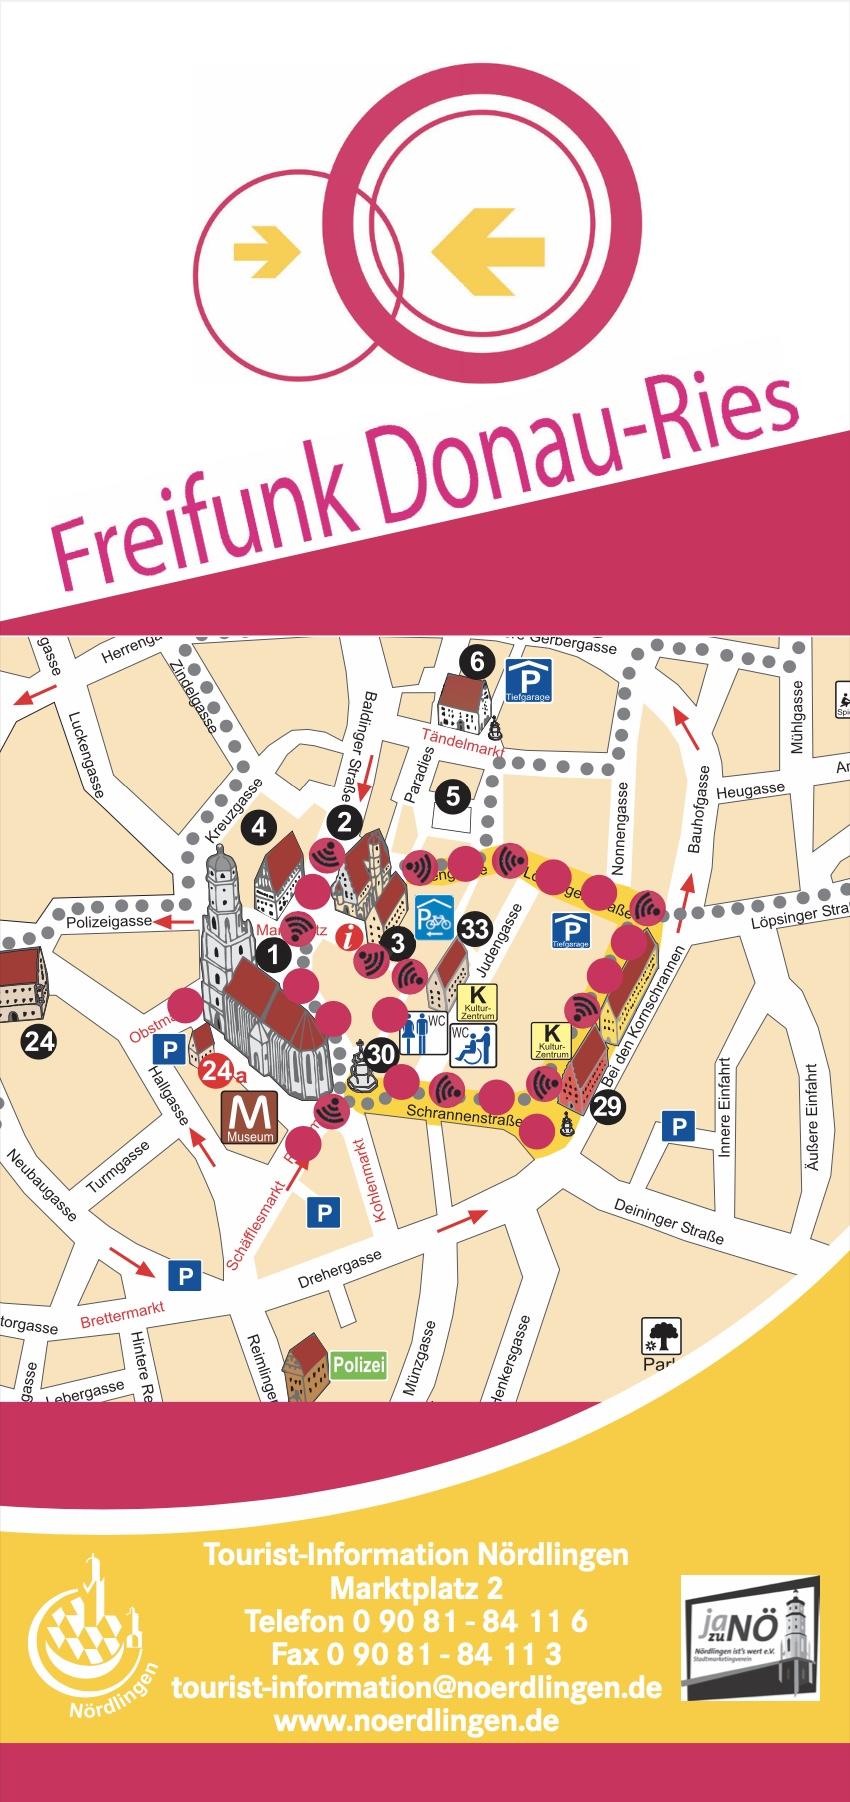 Seite aus dem Flyer der Touristeninformation Nördlingen